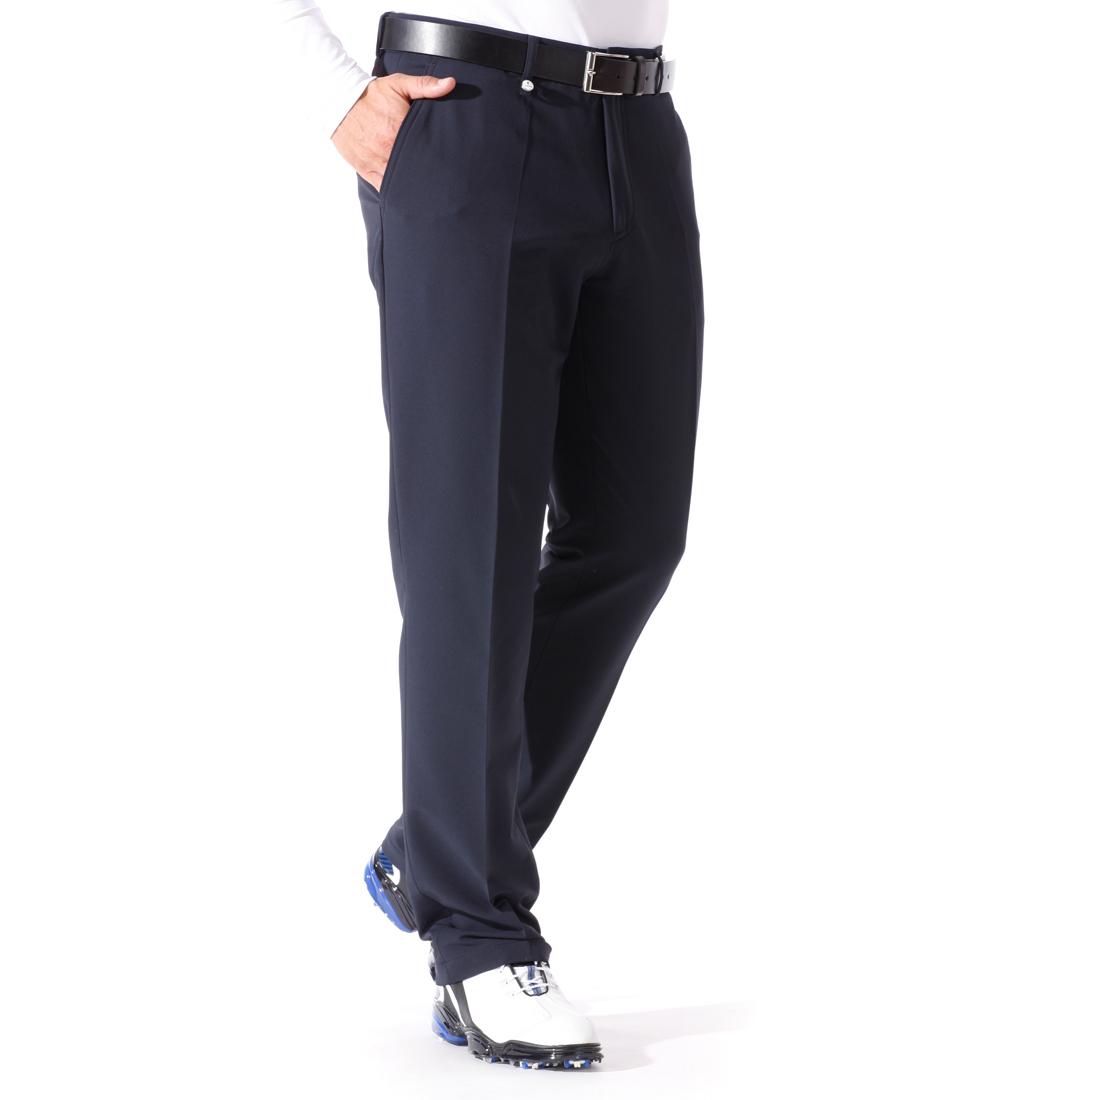 4Way Stretch Hose